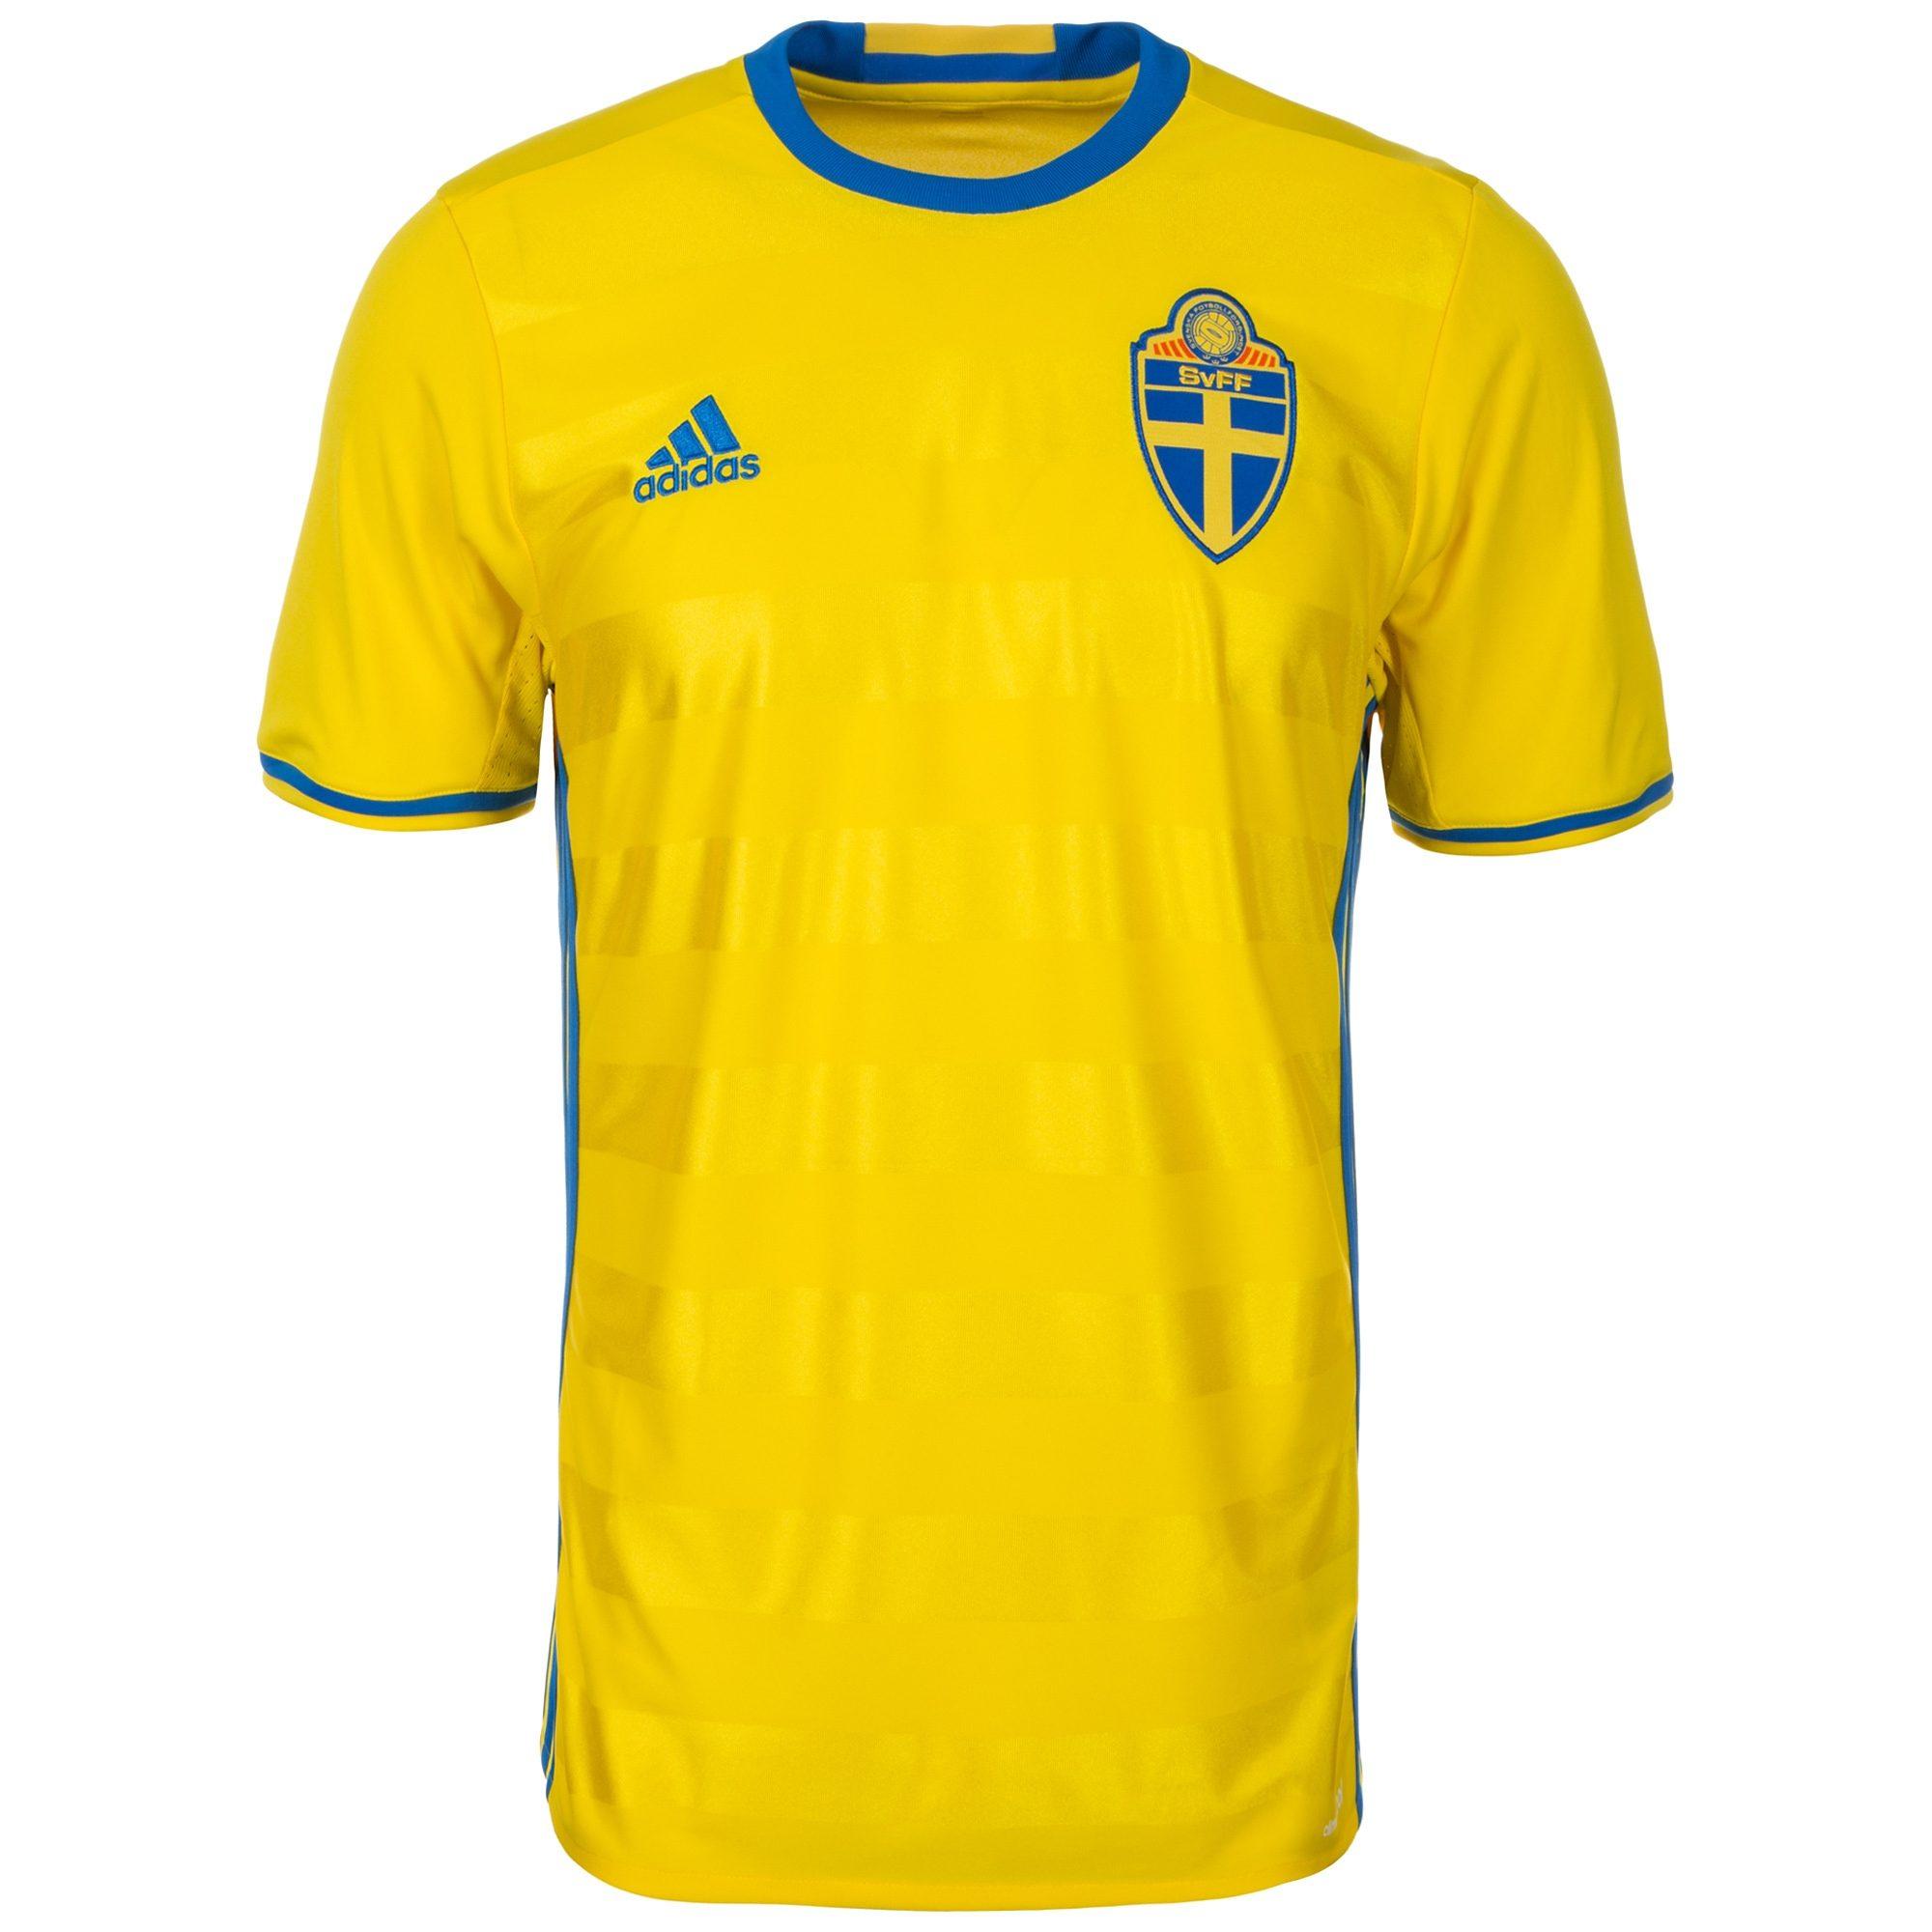 adidas Performance Schweden Trikot Home EM 2016 Herren Preisvergleich